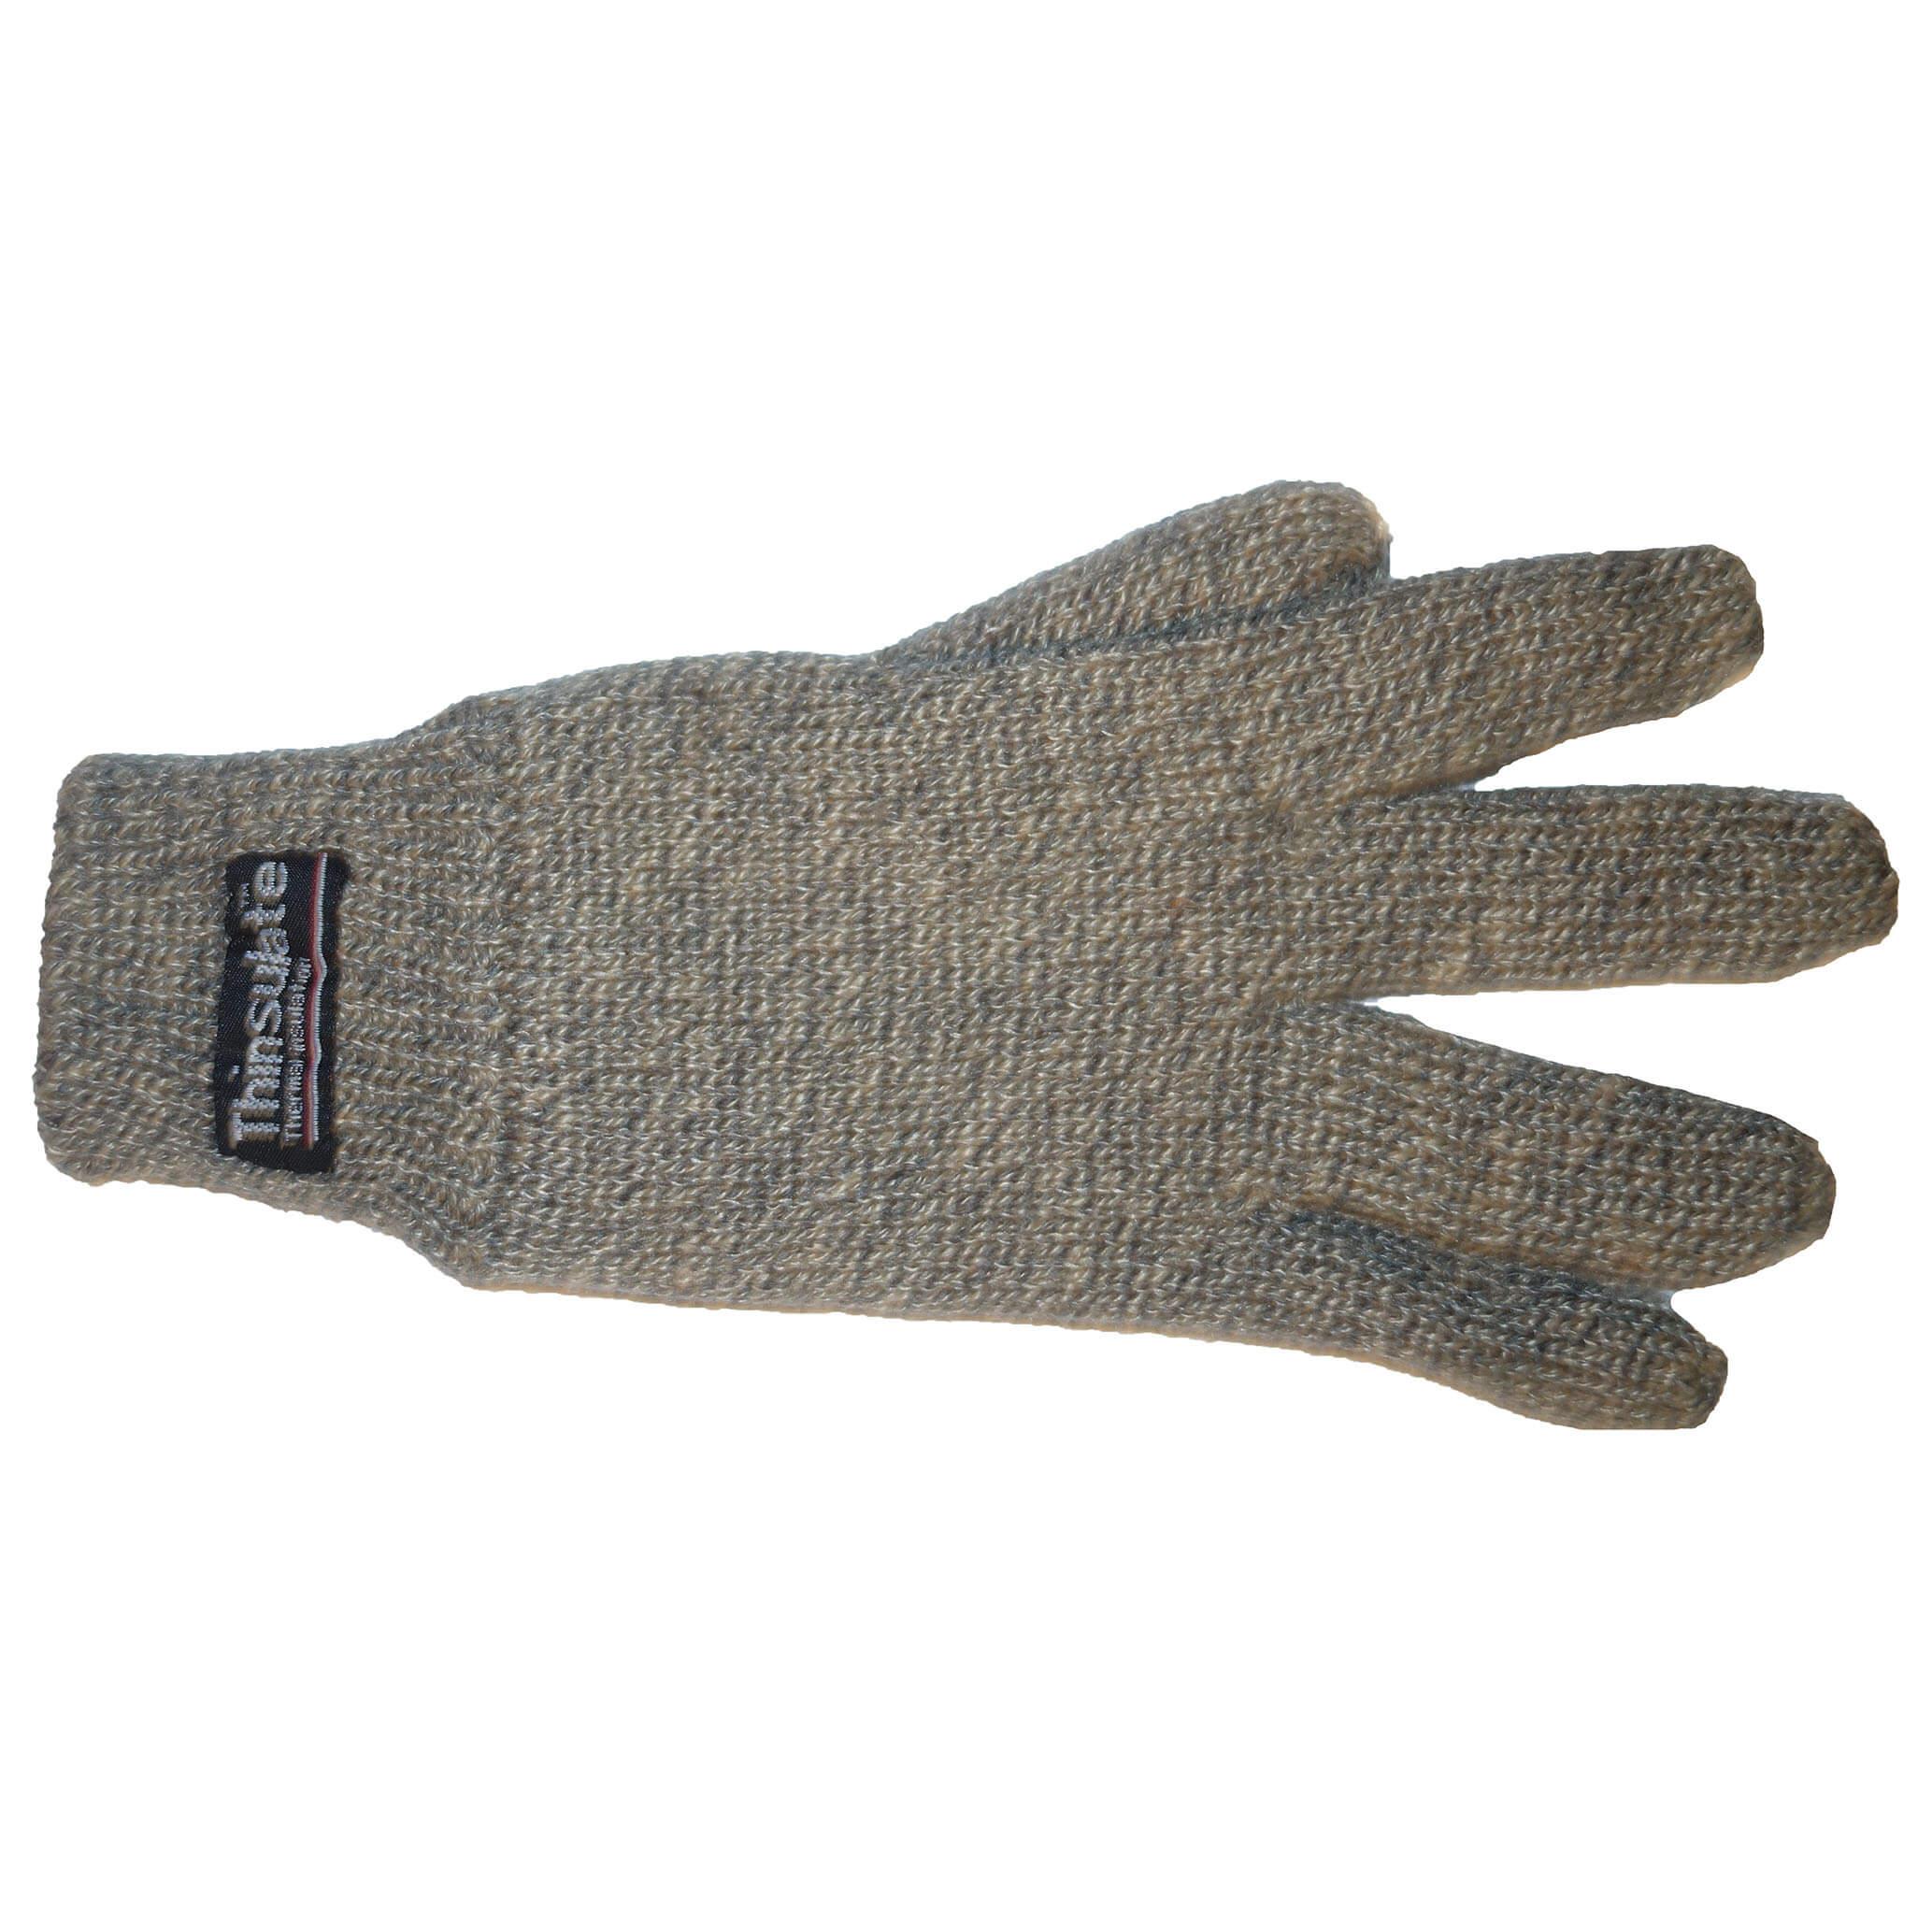 Thinsulate Handschoenen Gemêleerd Groen/Beige XXL-0